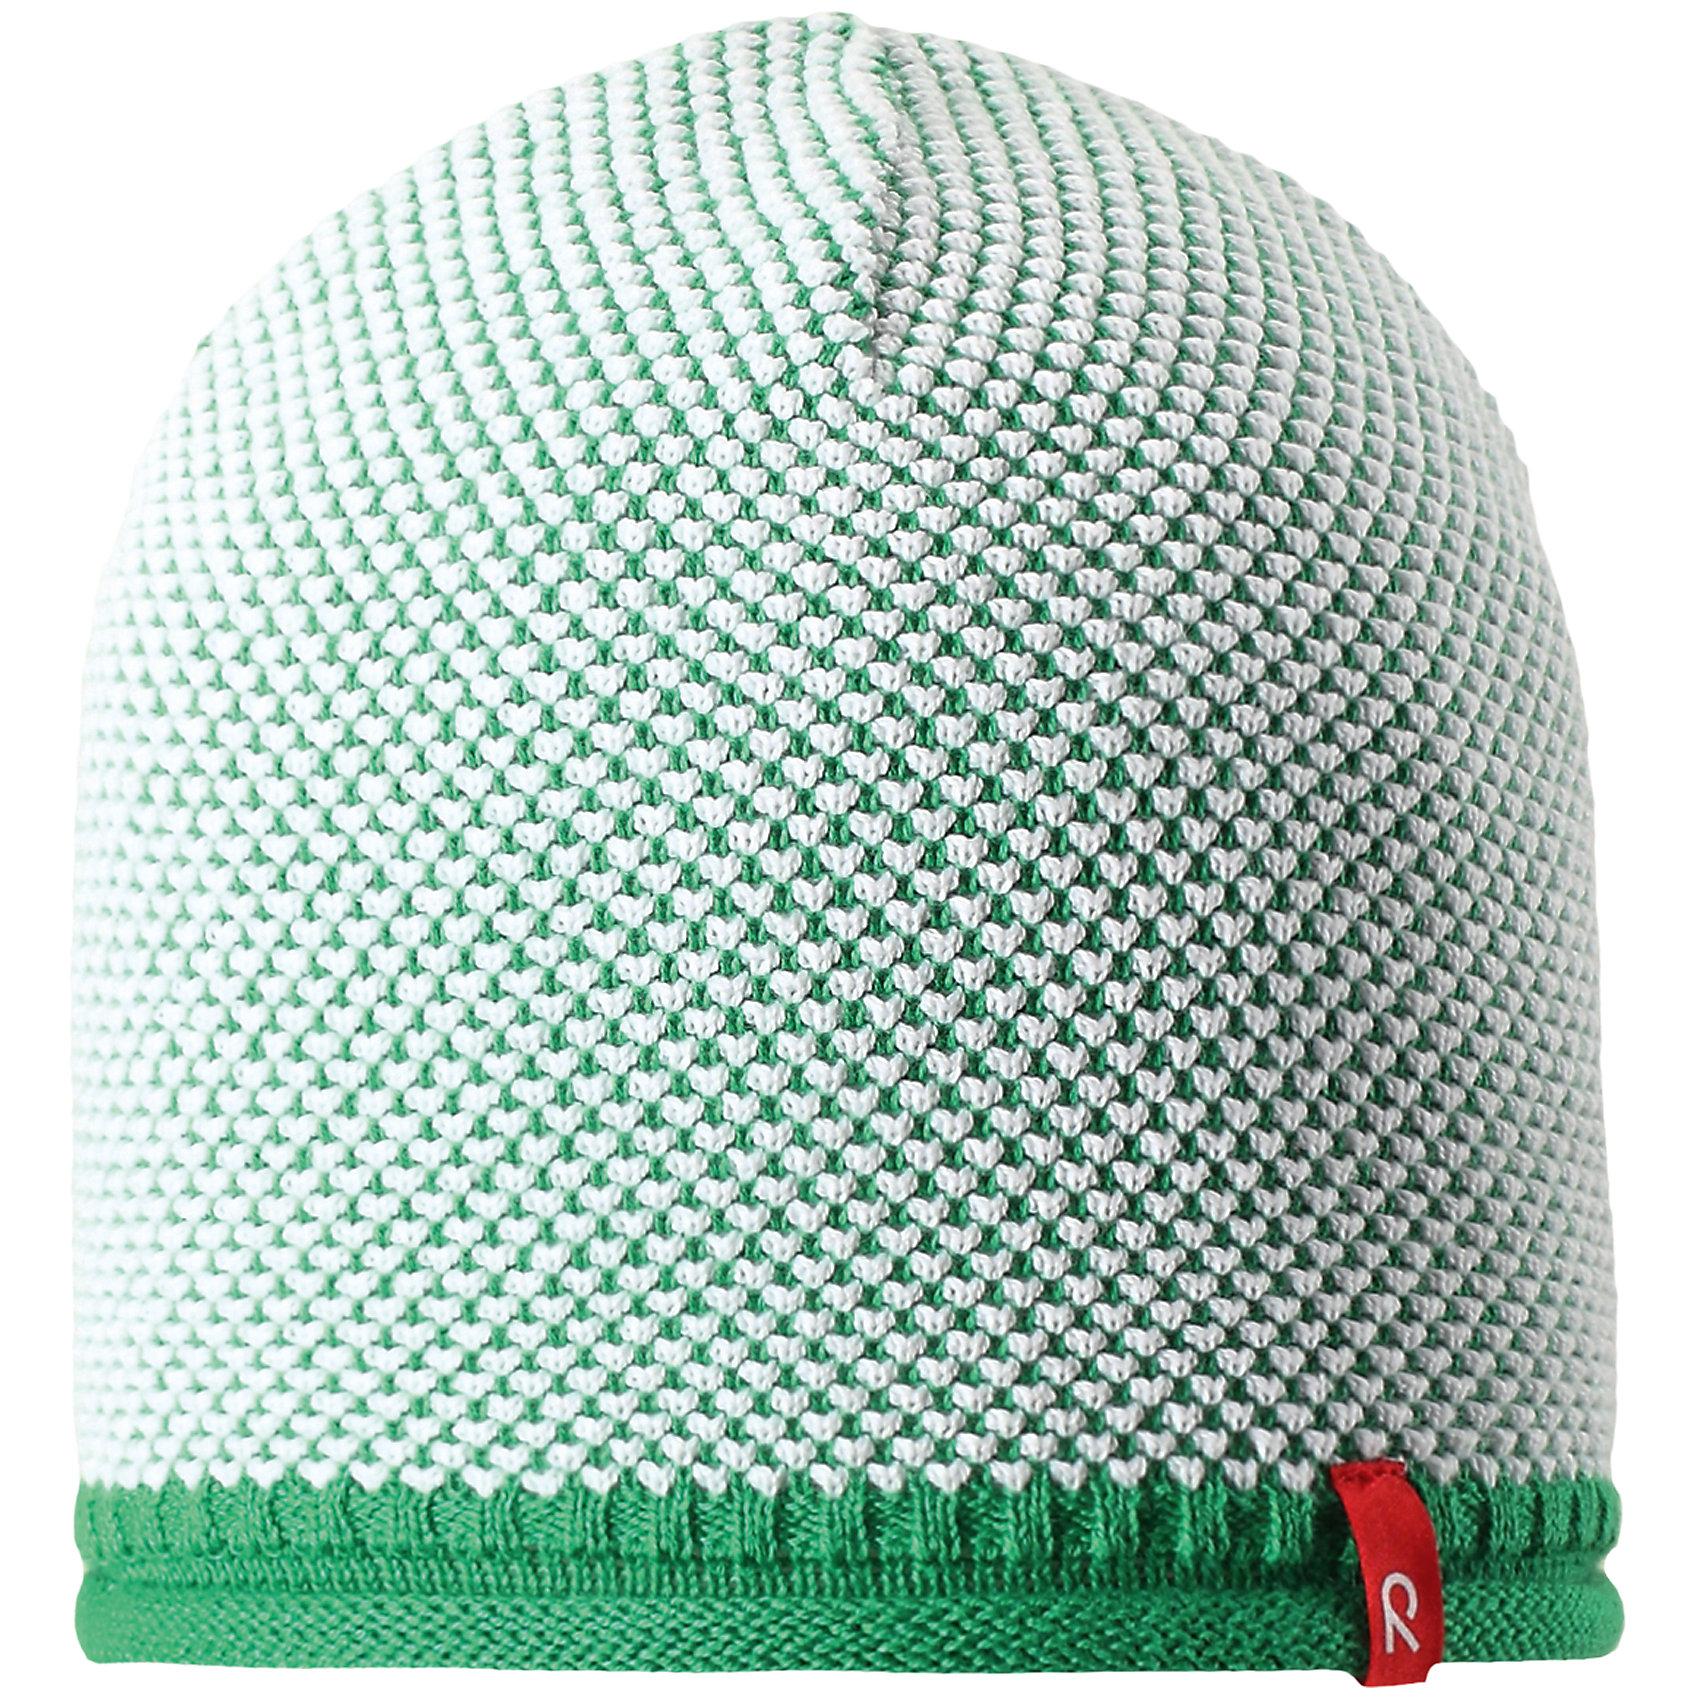 Шапка Seilori для мальчика ReimaШапки и шарфы<br>Характеристики товара:<br><br>• цвет: зеленый<br>• состав: 100% хлопок<br>• температурный режим: от +10С<br>• эластичный хлопковый трикотаж<br>• изделие сертифицированно по стандарту Oeko-Tex на продукцию класса 2 - одежда, контактирующая с кожей<br>• облегчённая модель без подкладки<br>• эмблема Reima спереди<br>• декоративная структурная вязка<br>• страна бренда: Финляндия<br>• страна производства: Китай<br><br>Детский головной убор может быть модным и удобным одновременно! Стильная шапка поможет обеспечить ребенку комфорт и дополнить наряд. Шапка удобно сидит и аккуратно выглядит. Проста в уходе, долго служит. Стильный дизайн разрабатывался специально для детей. Отличная защита от дождя и ветра!<br><br>Уход:<br><br>• стирать по отдельности, вывернув наизнанку<br>• придать первоначальную форму вo влажном виде<br>• возможна усадка 5 %.<br><br>Шапку для мальчика от финского бренда Reima (Рейма) можно купить в нашем интернет-магазине.<br><br>Ширина мм: 89<br>Глубина мм: 117<br>Высота мм: 44<br>Вес г: 155<br>Цвет: зеленый<br>Возраст от месяцев: 84<br>Возраст до месяцев: 144<br>Пол: Мужской<br>Возраст: Детский<br>Размер: 56,50,52,54<br>SKU: 5267799